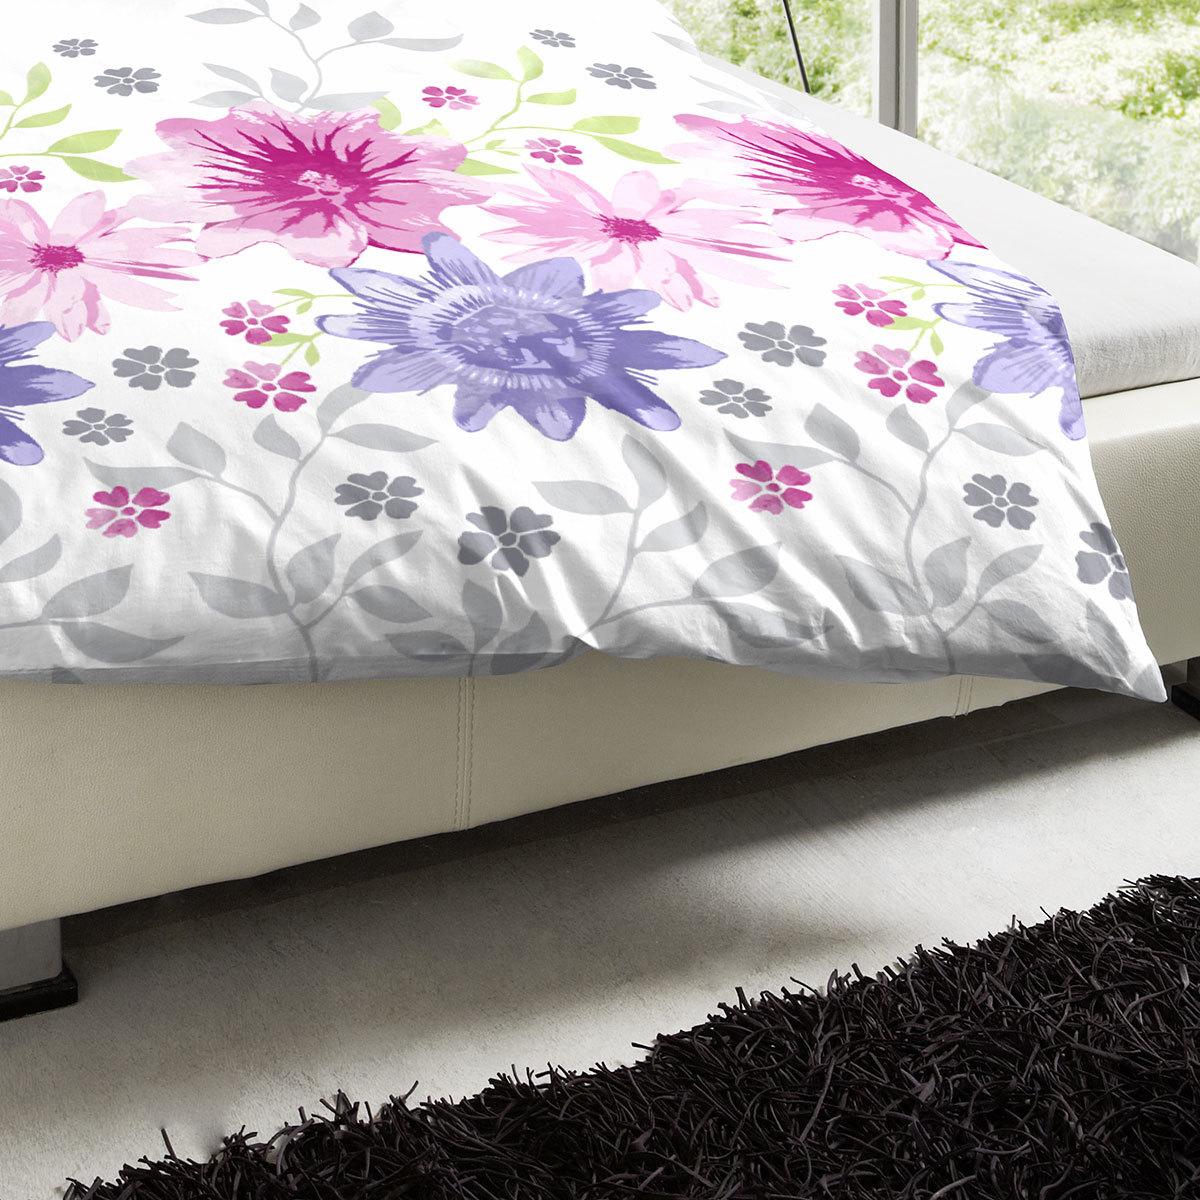 hahn perkal bettw sche blumenwiese pink g nstig online kaufen bei bettwaren shop. Black Bedroom Furniture Sets. Home Design Ideas